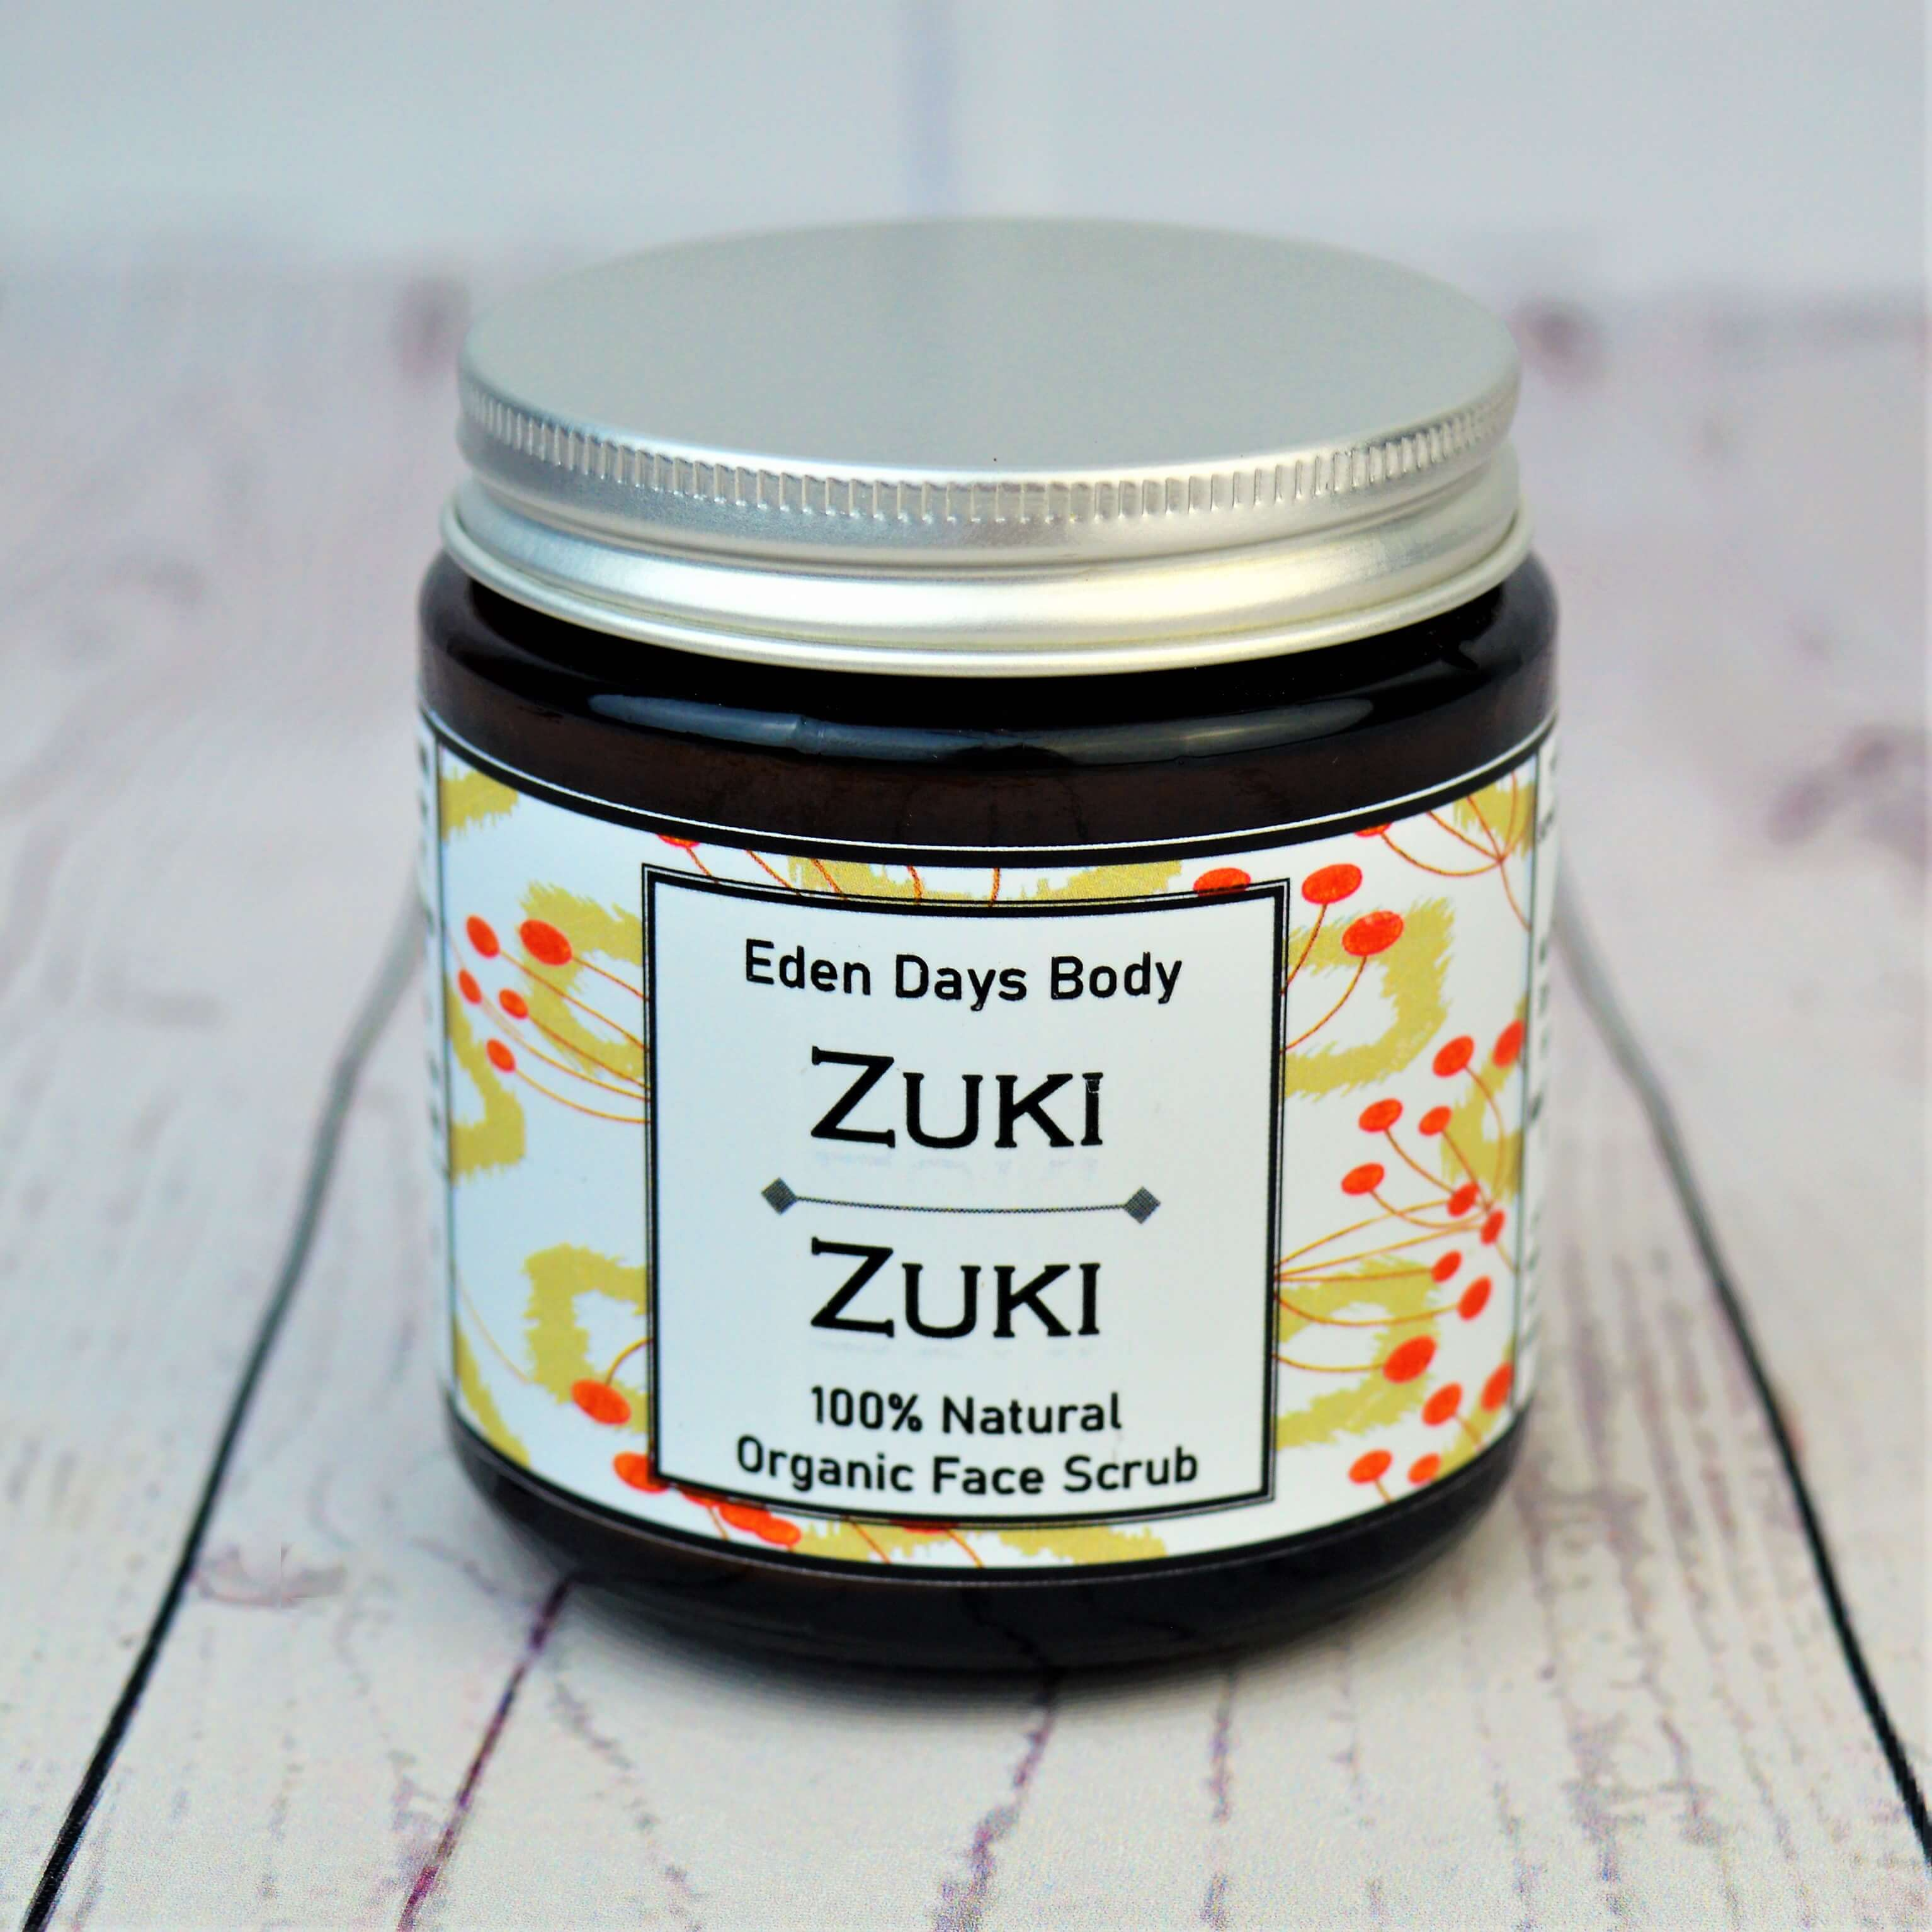 Zuki Zuki 100% Natural Organic Face Scru